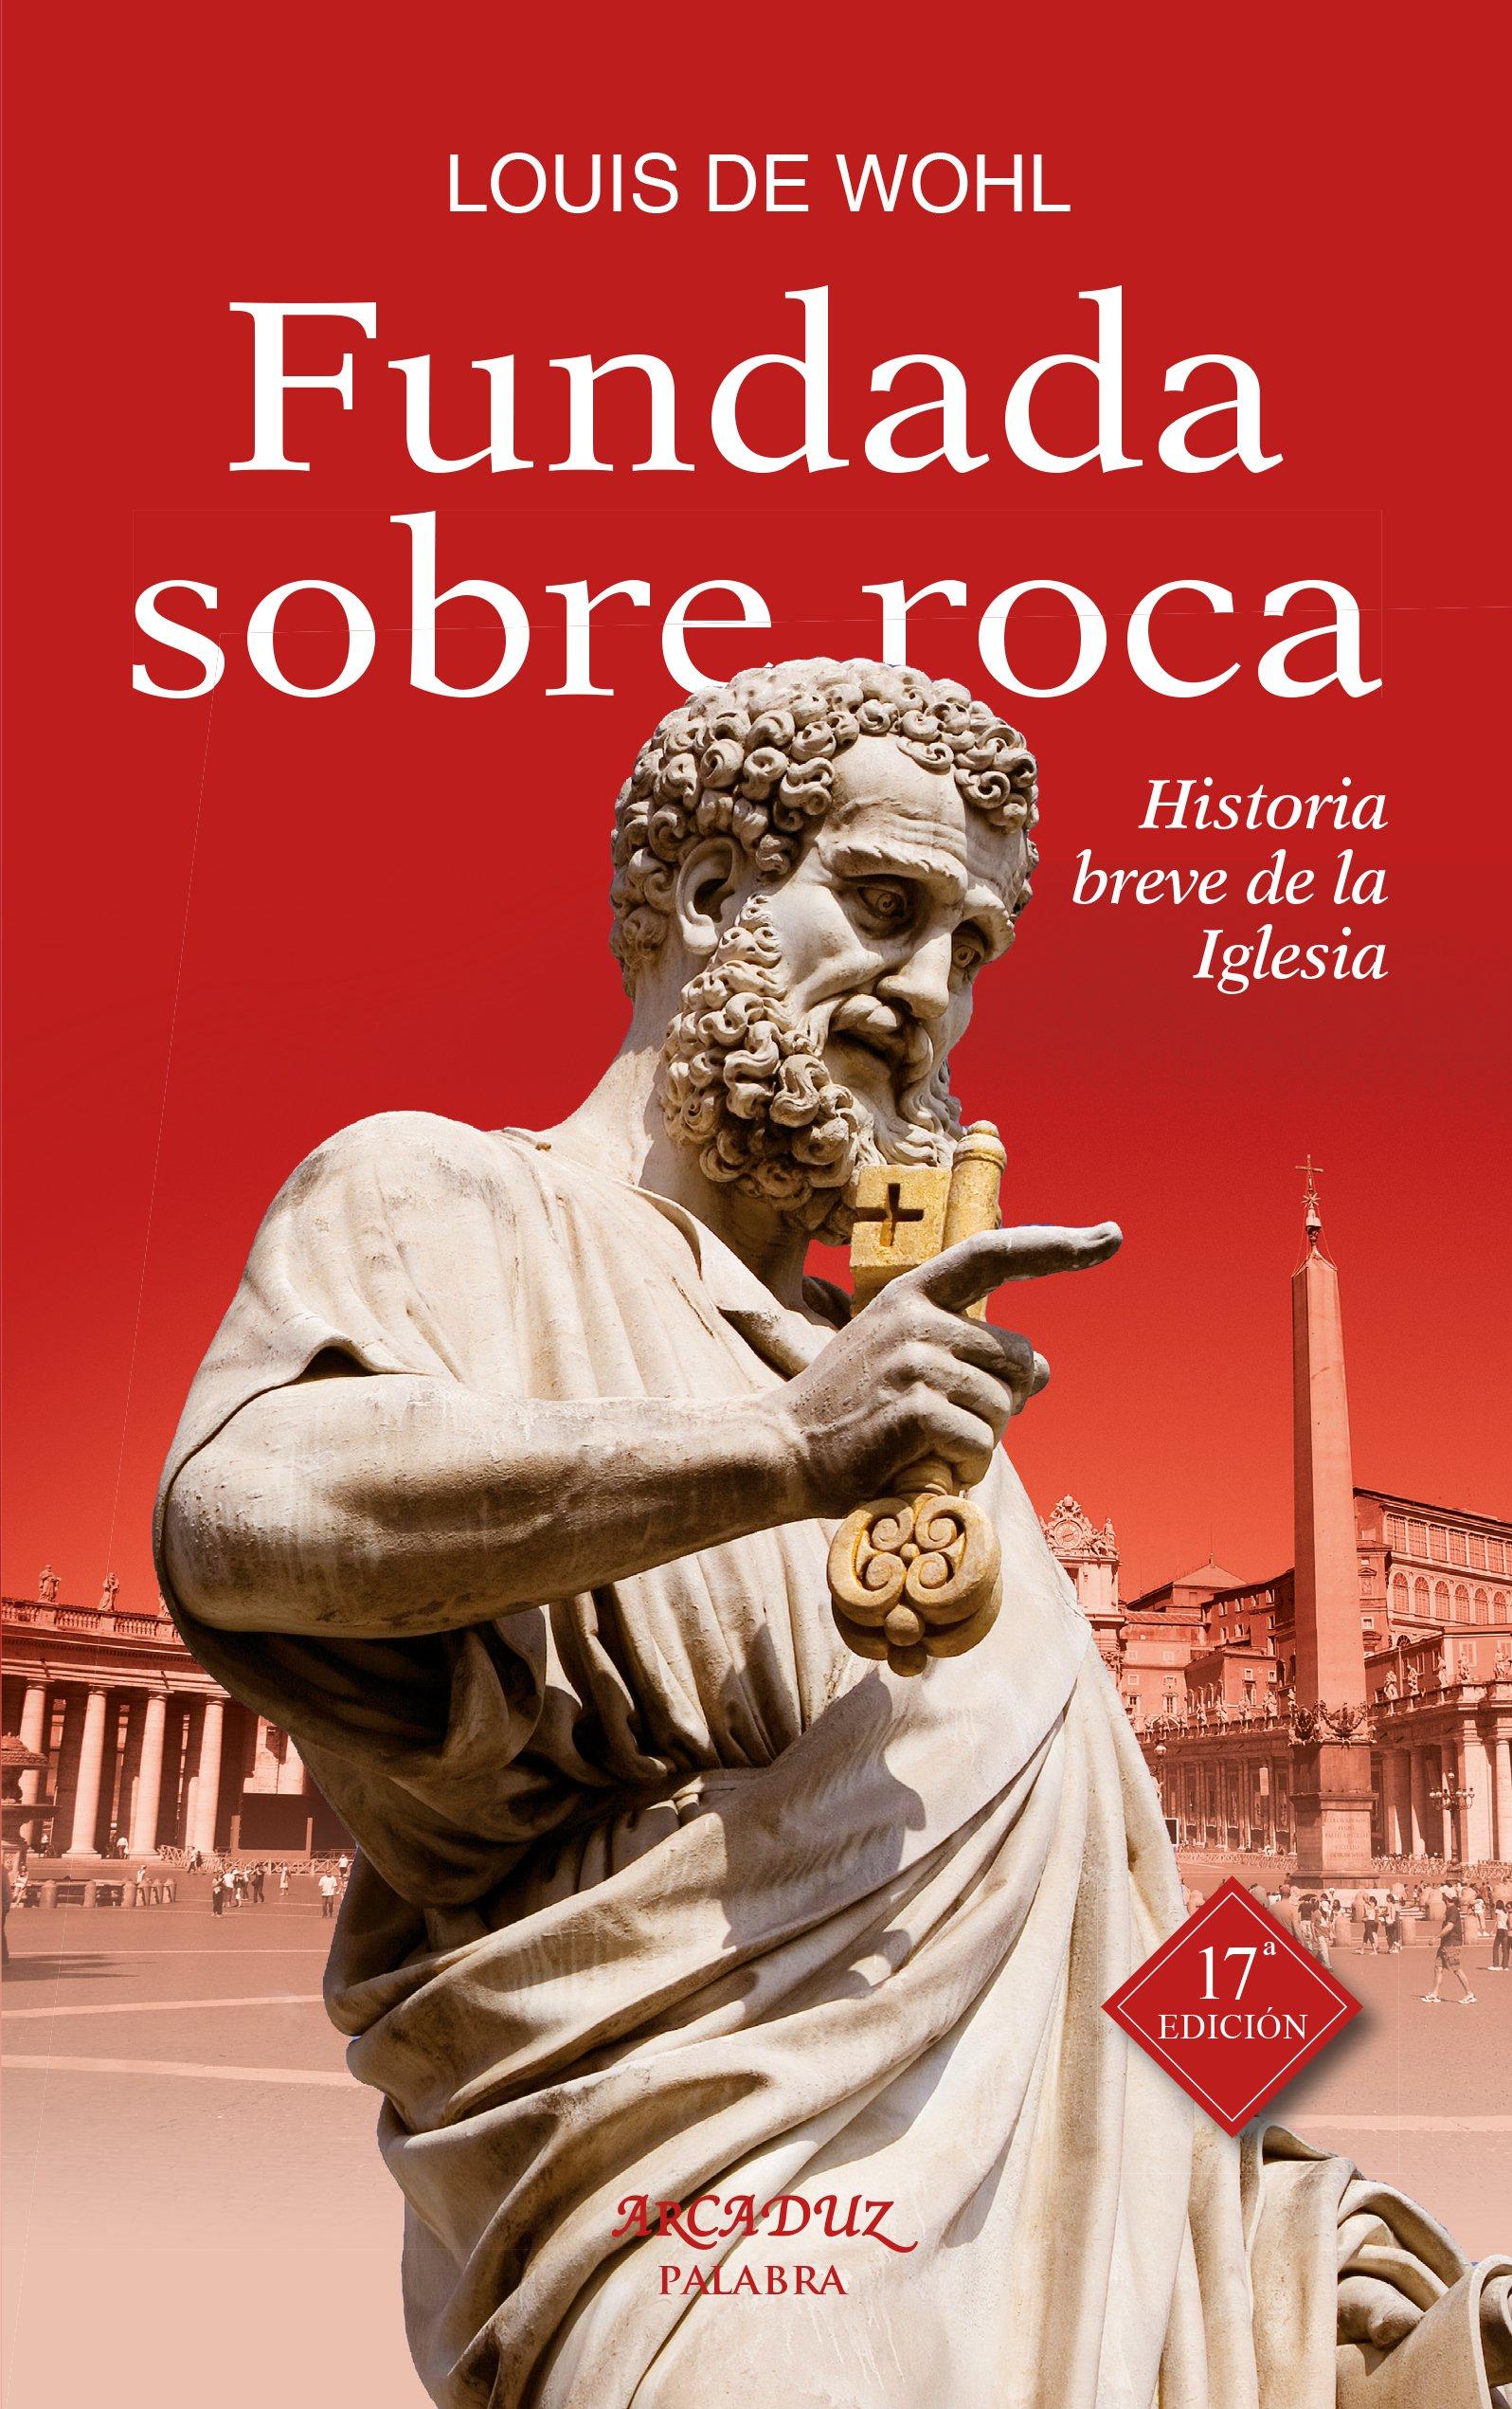 Fundada Sobre roca. (Nuevo) Hᆭ Breve Sob (Arcaduz): Amazon.es: Wohl, Louis de, Esteban Perruca, Joaquín: Libros